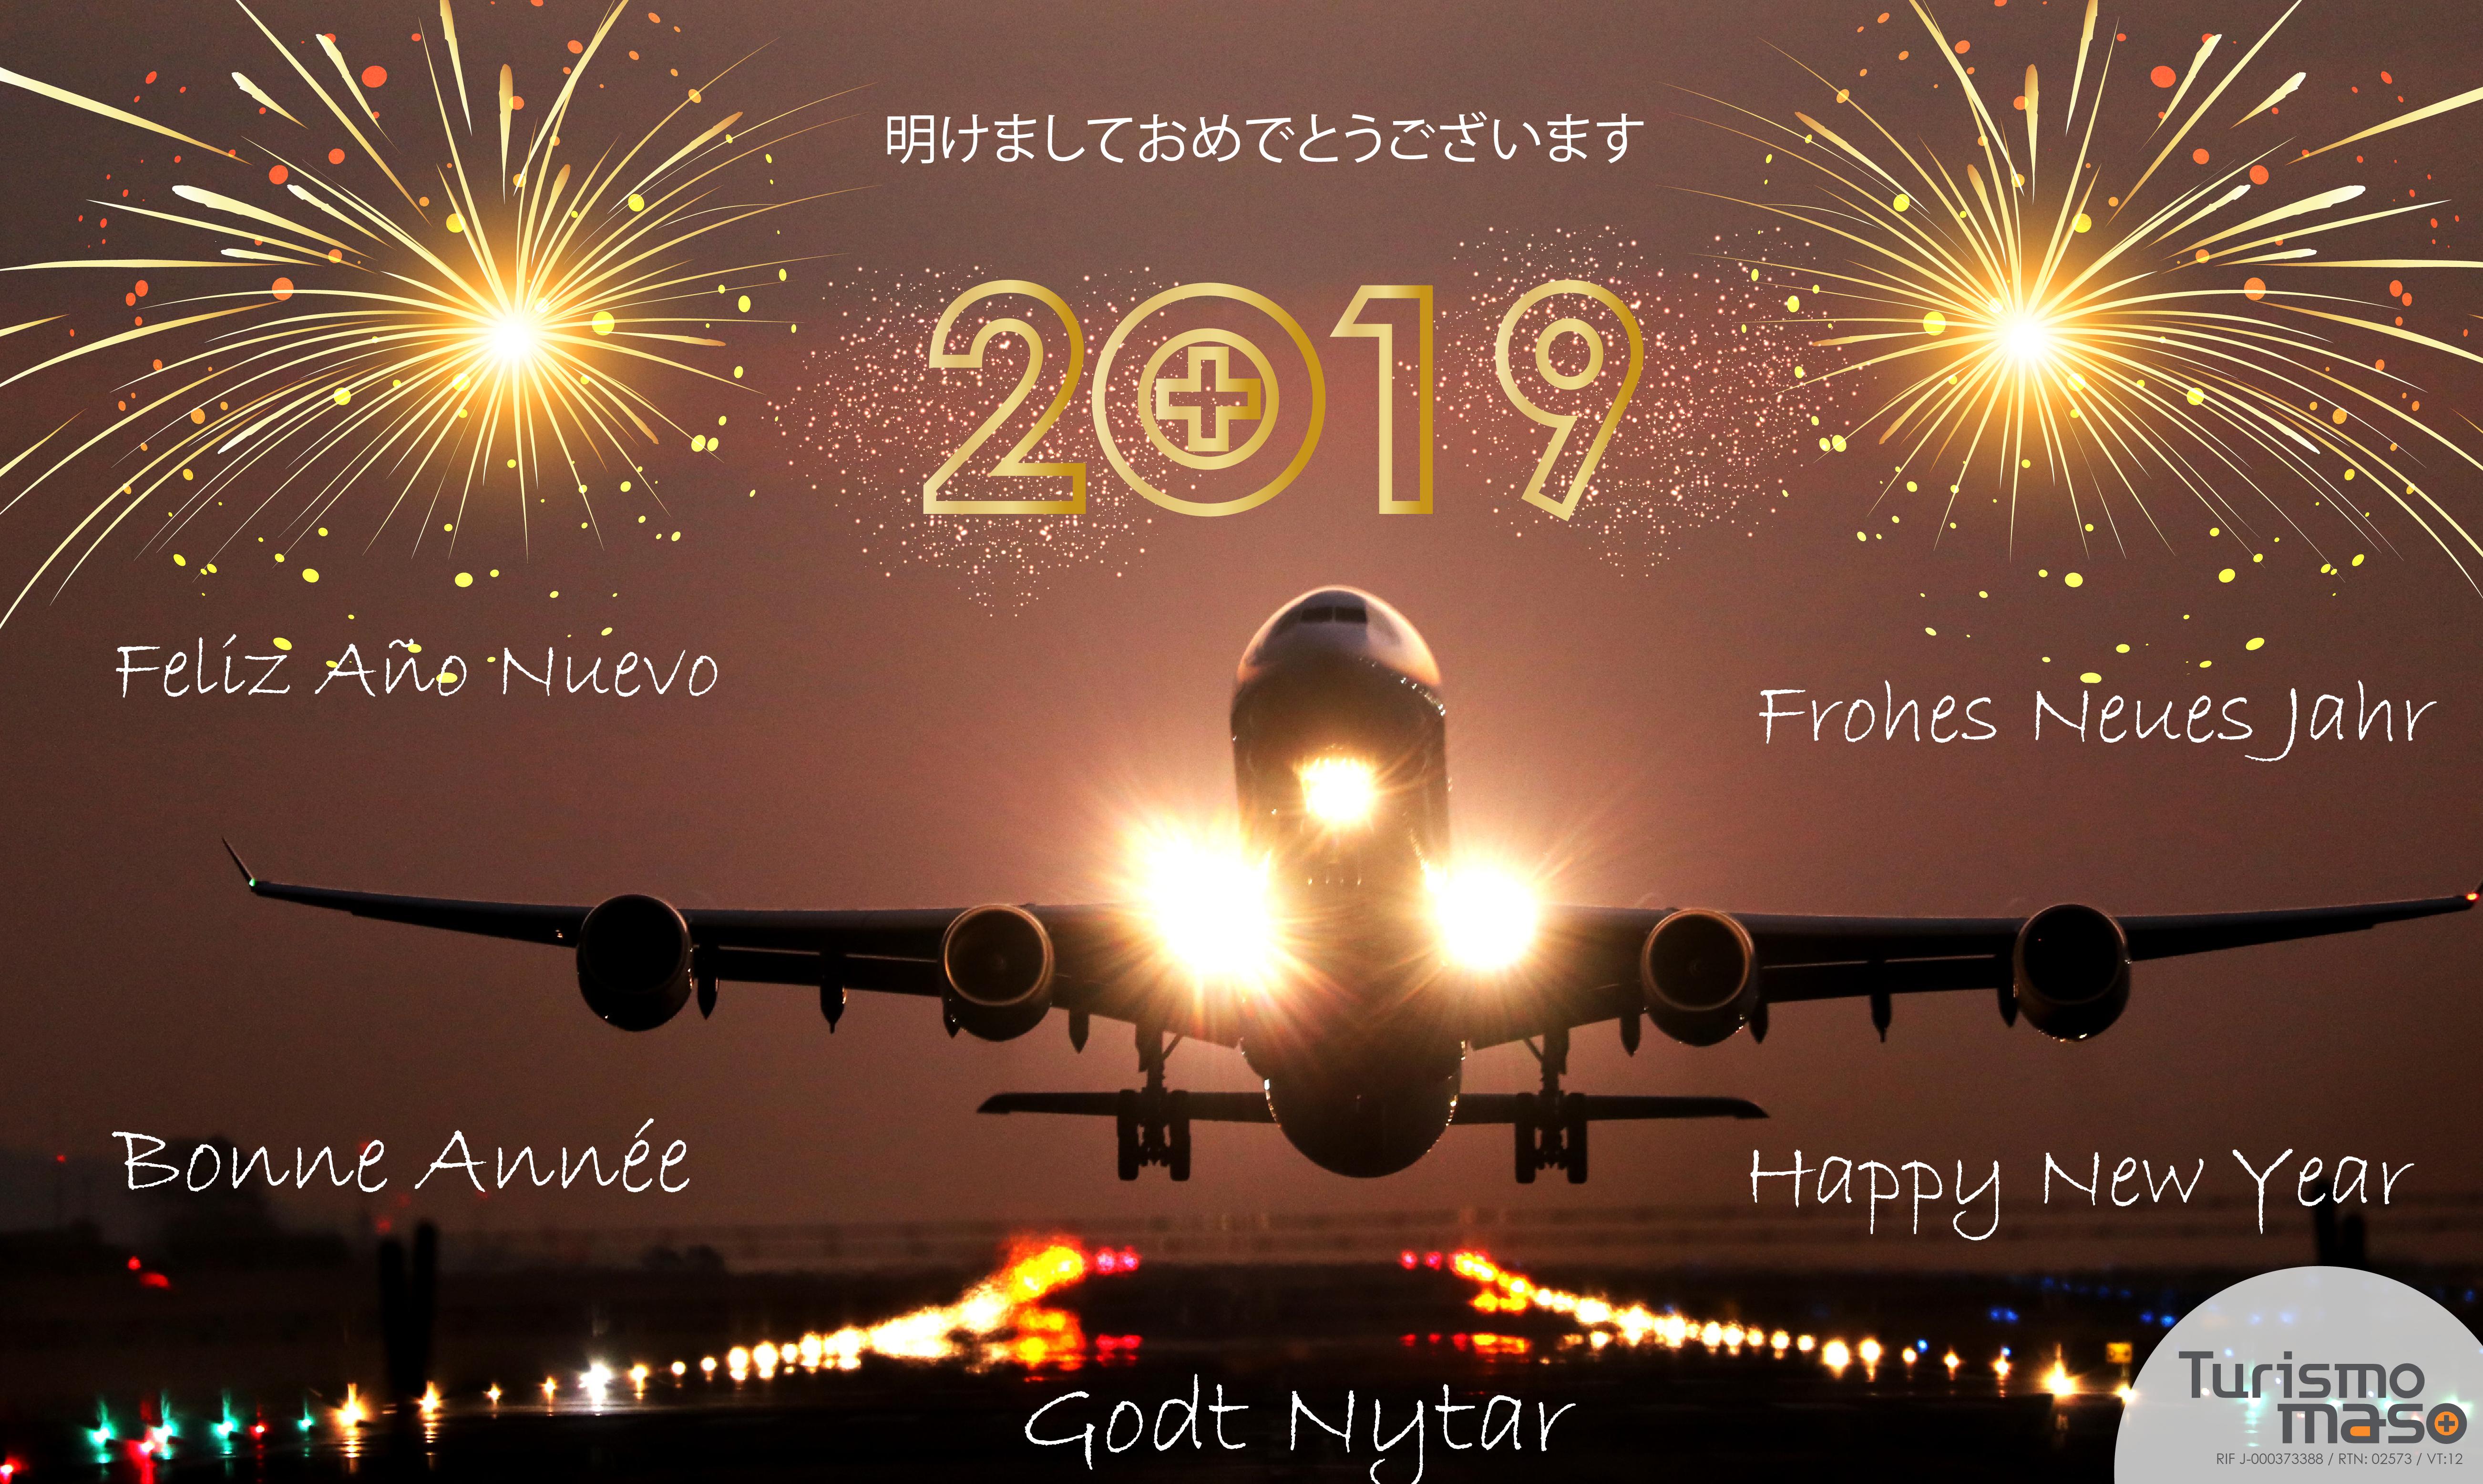 fin de ano 2019 turismo maso